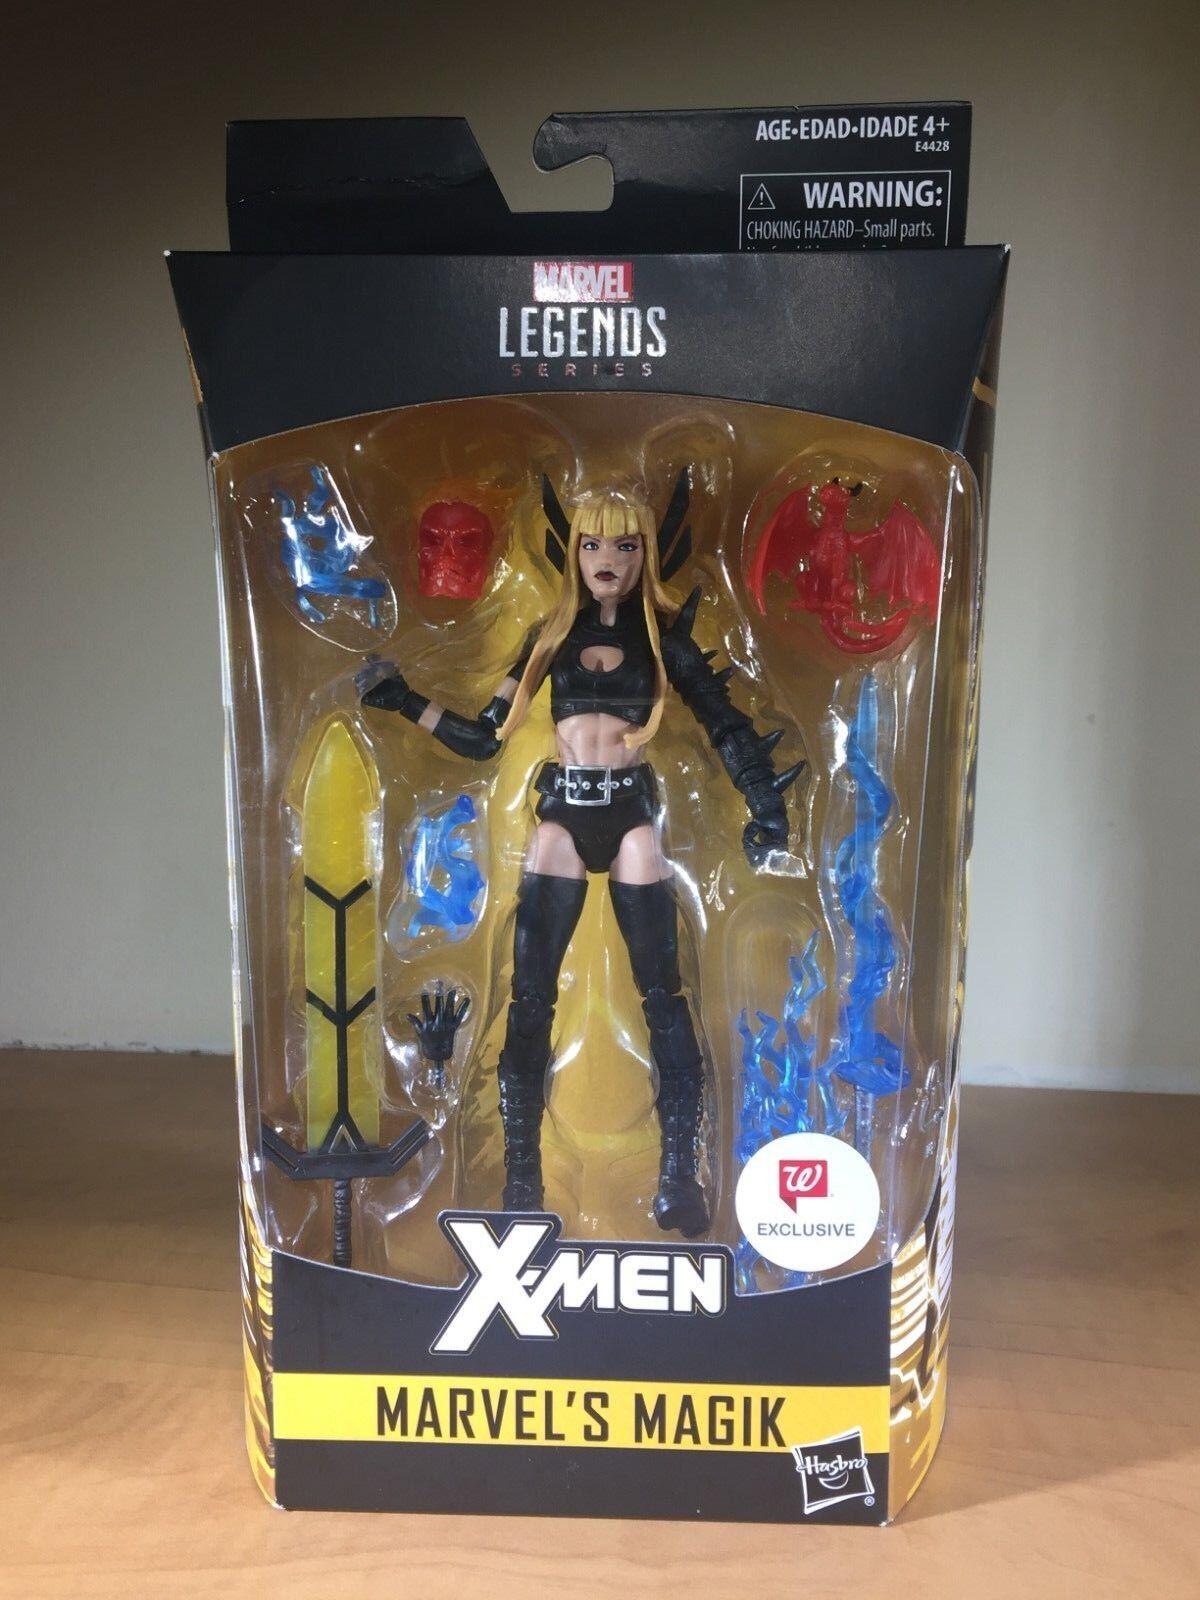 Marvel Legends - Magik - Walgreens Exclusive - X-men X-men X-men - SEALED NEW  37142b